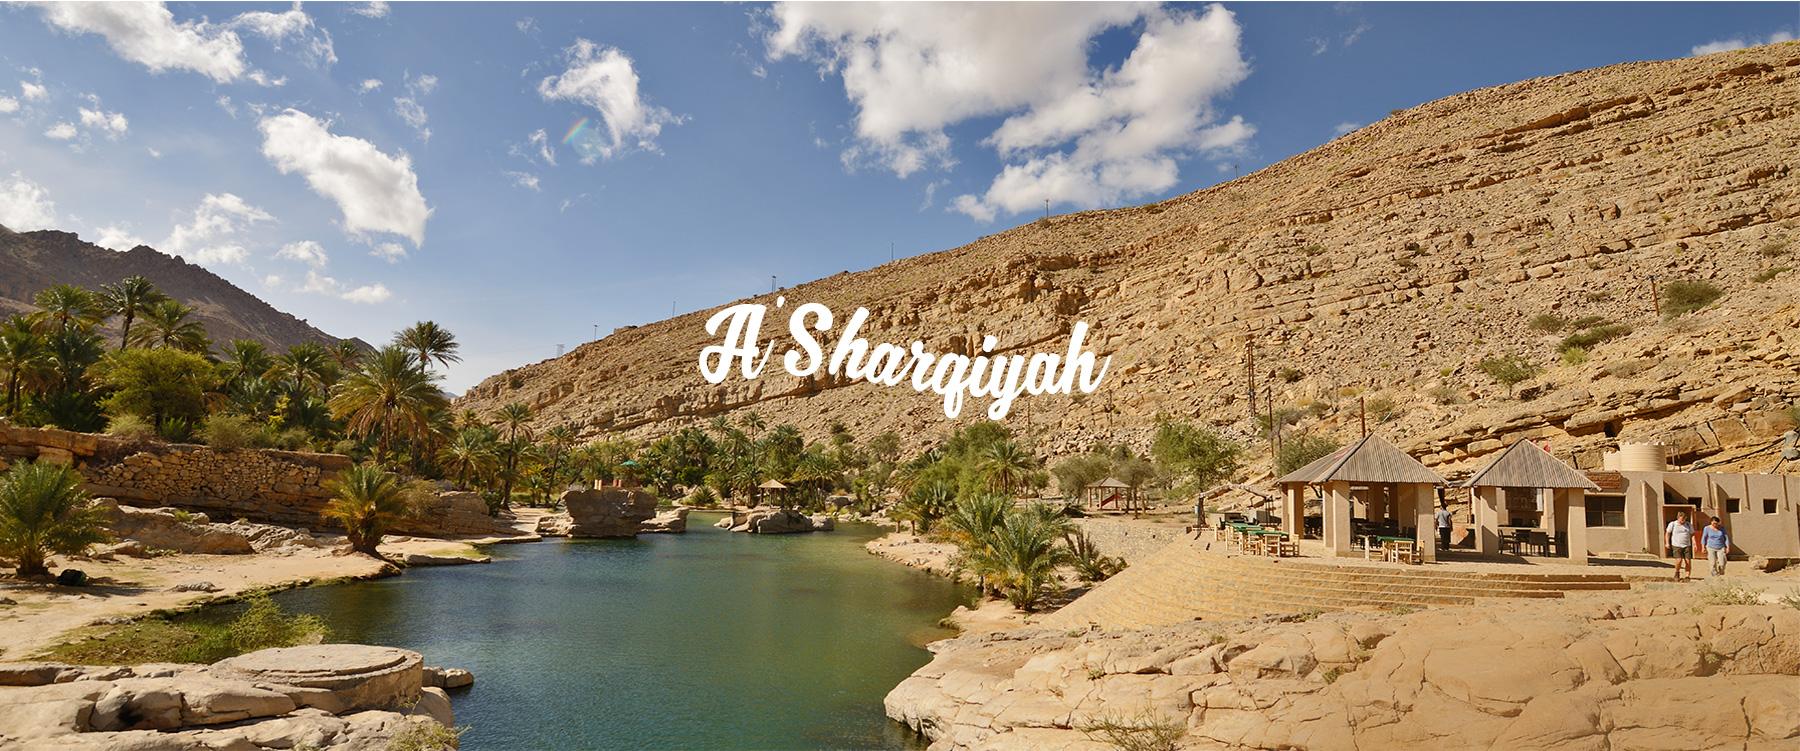 Ash Sharqiyah